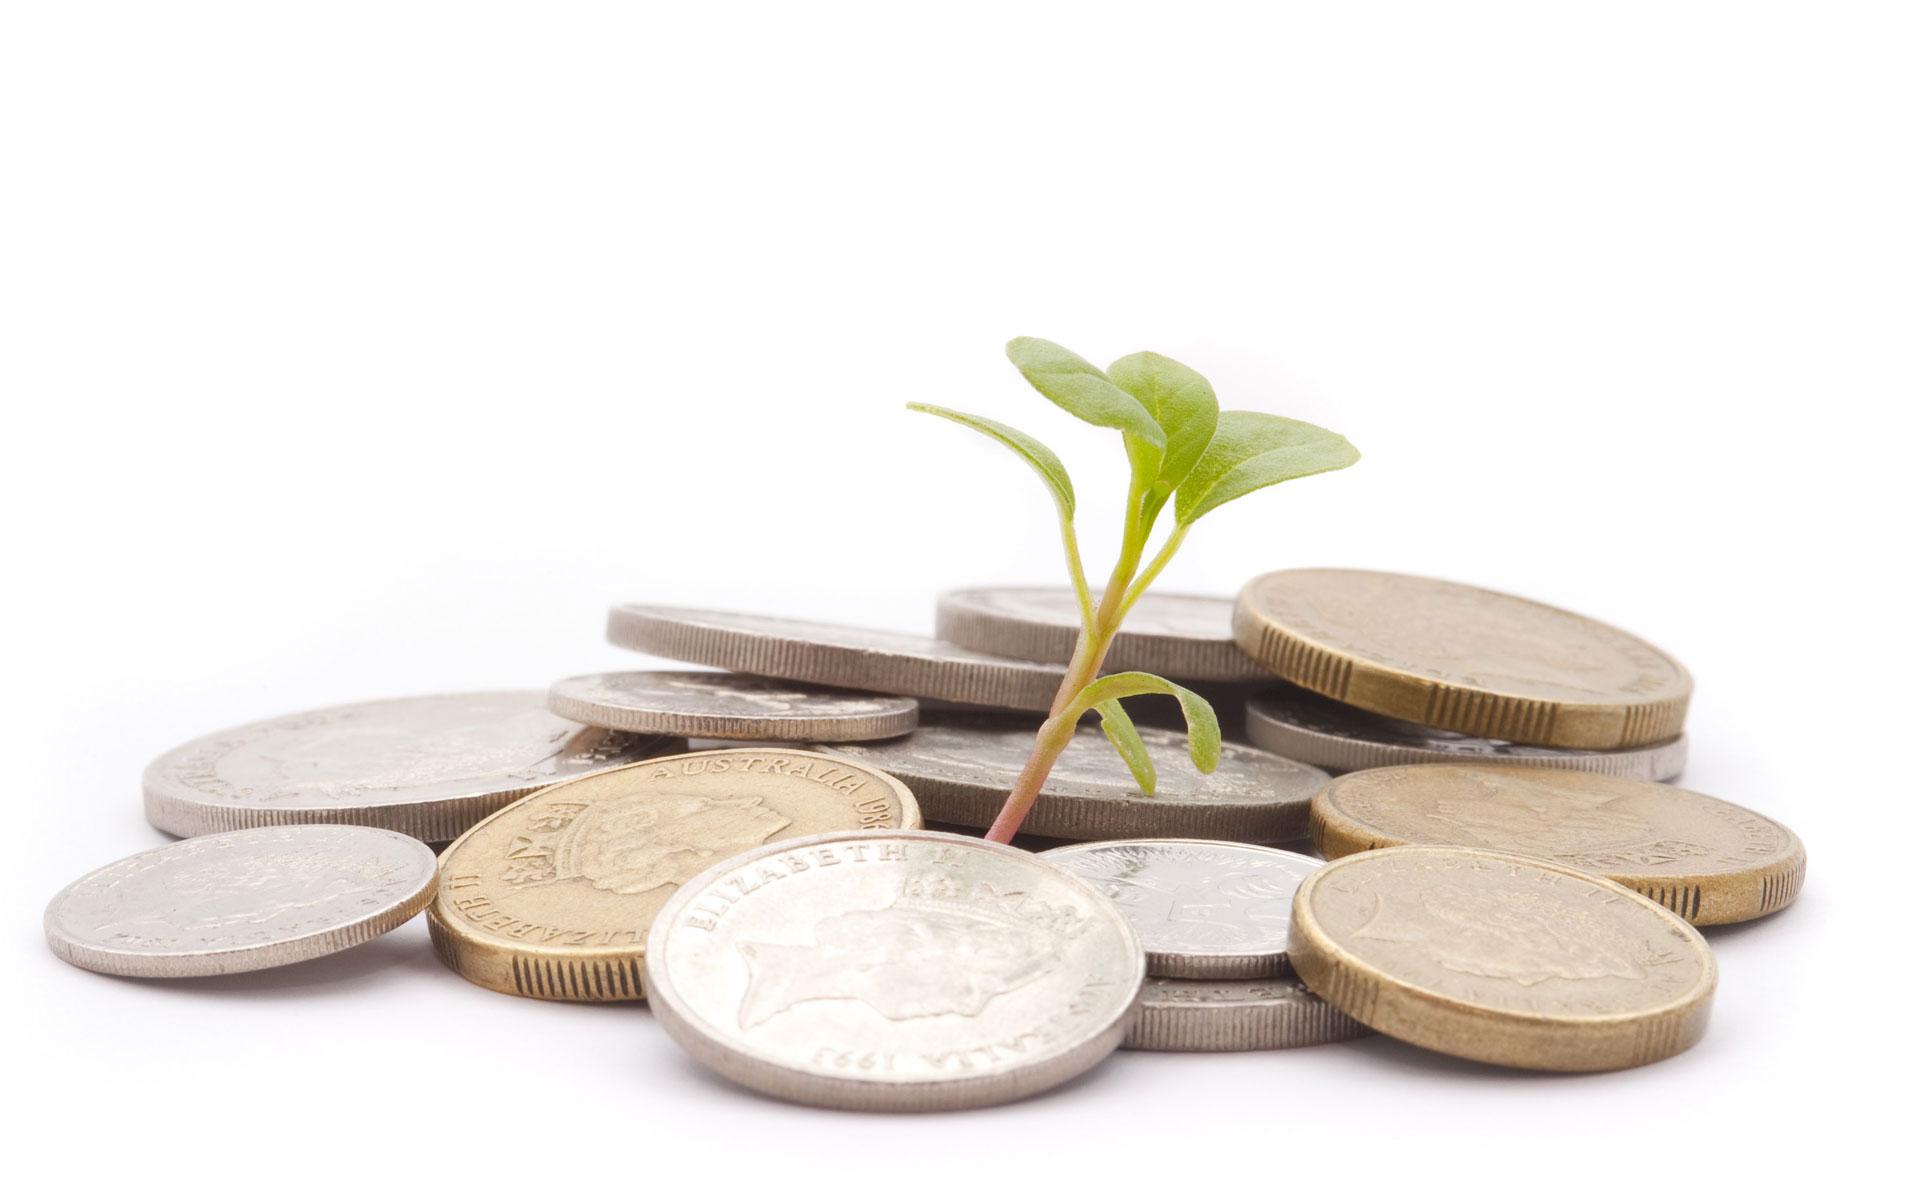 se alt om lån penge nu online her